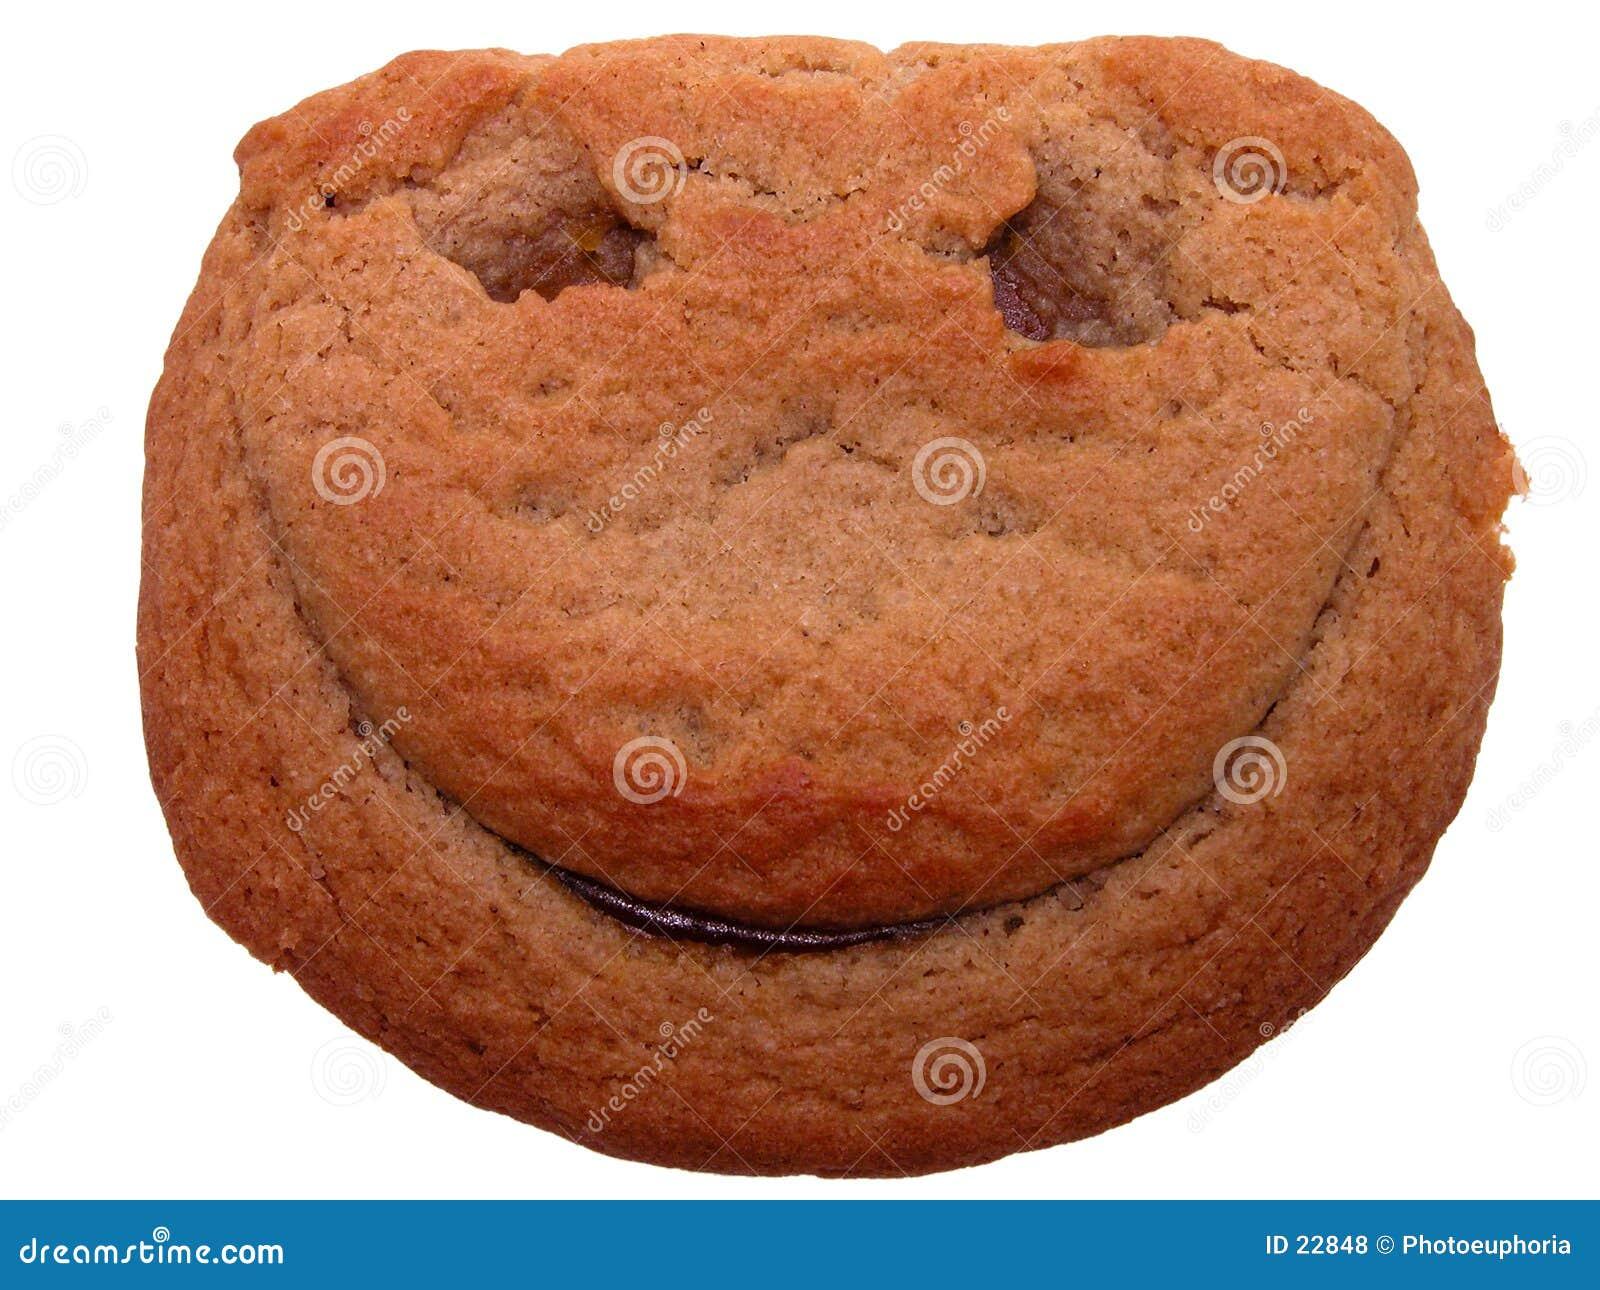 Voedsel: Het Koekje van het Gezicht van Smiley